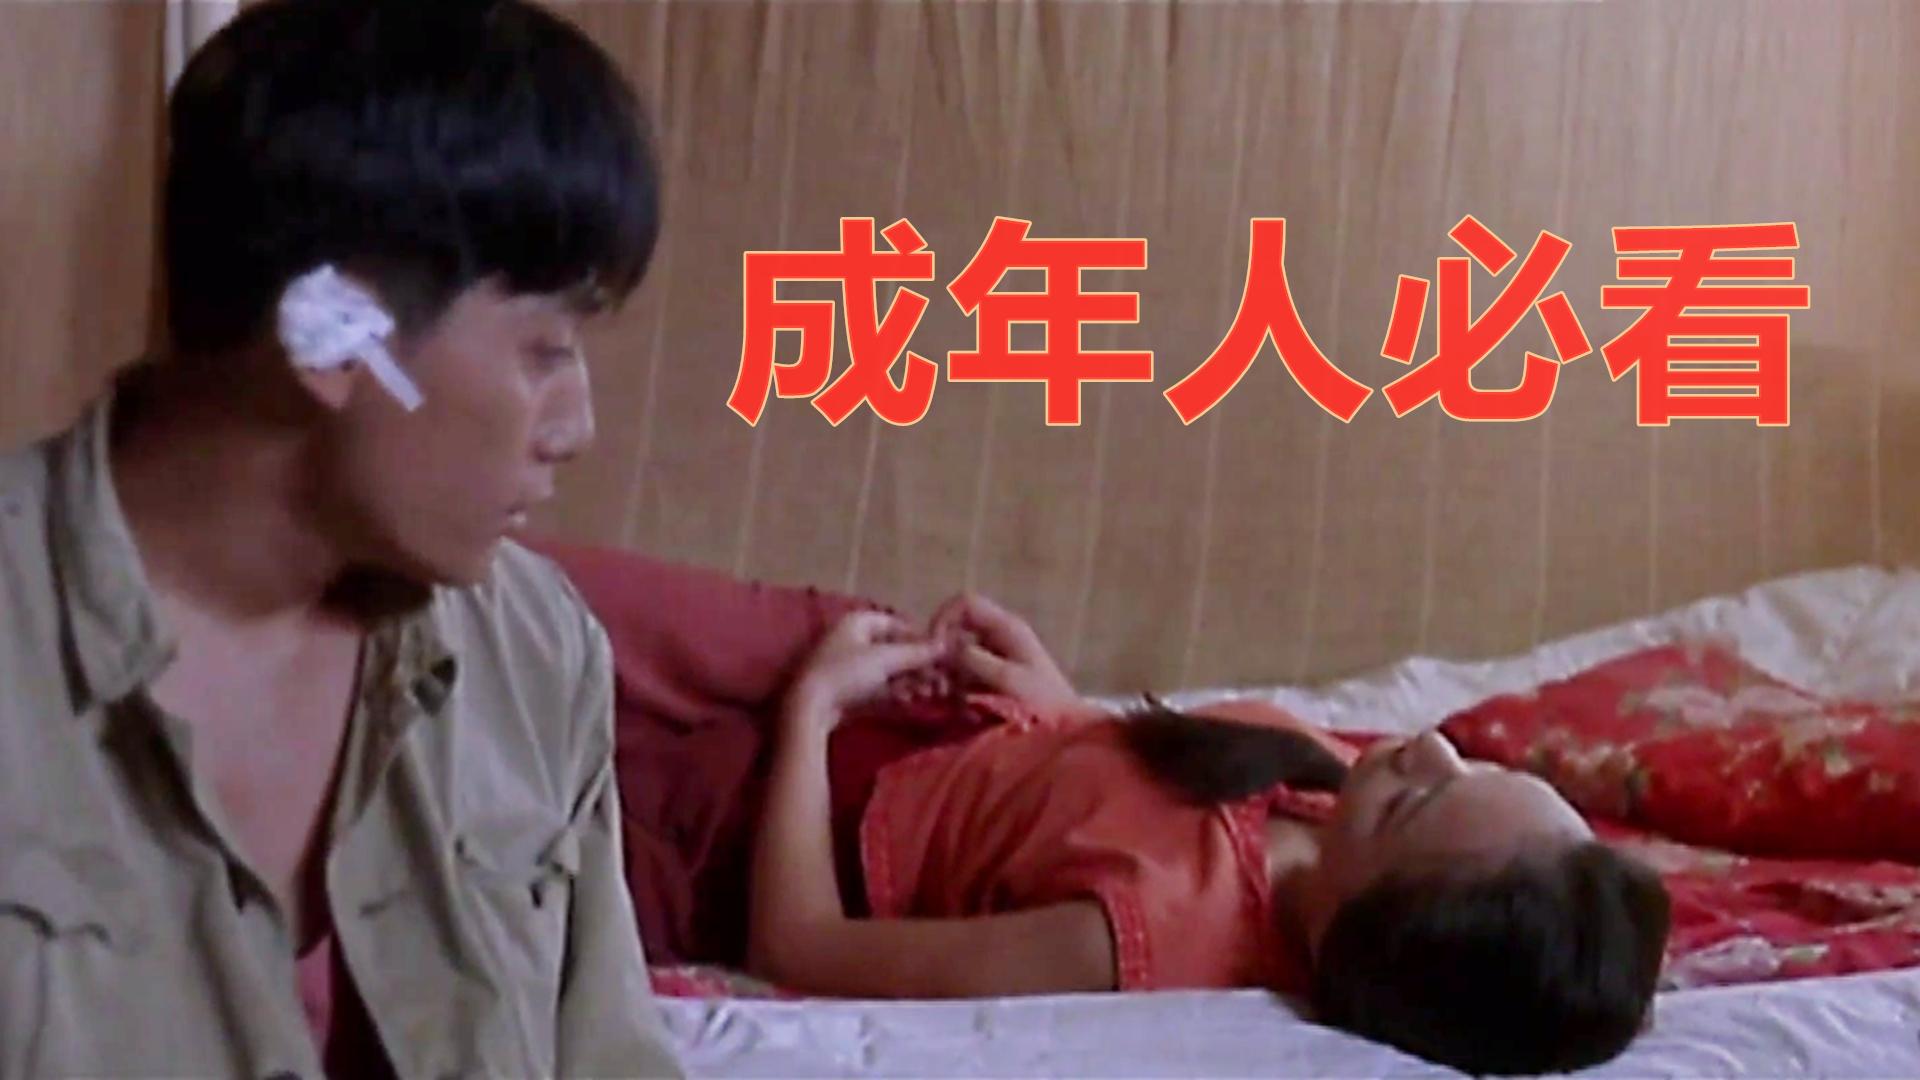 周迅陈坤大尺度电影,国外获奖无数,却不能在国内上映